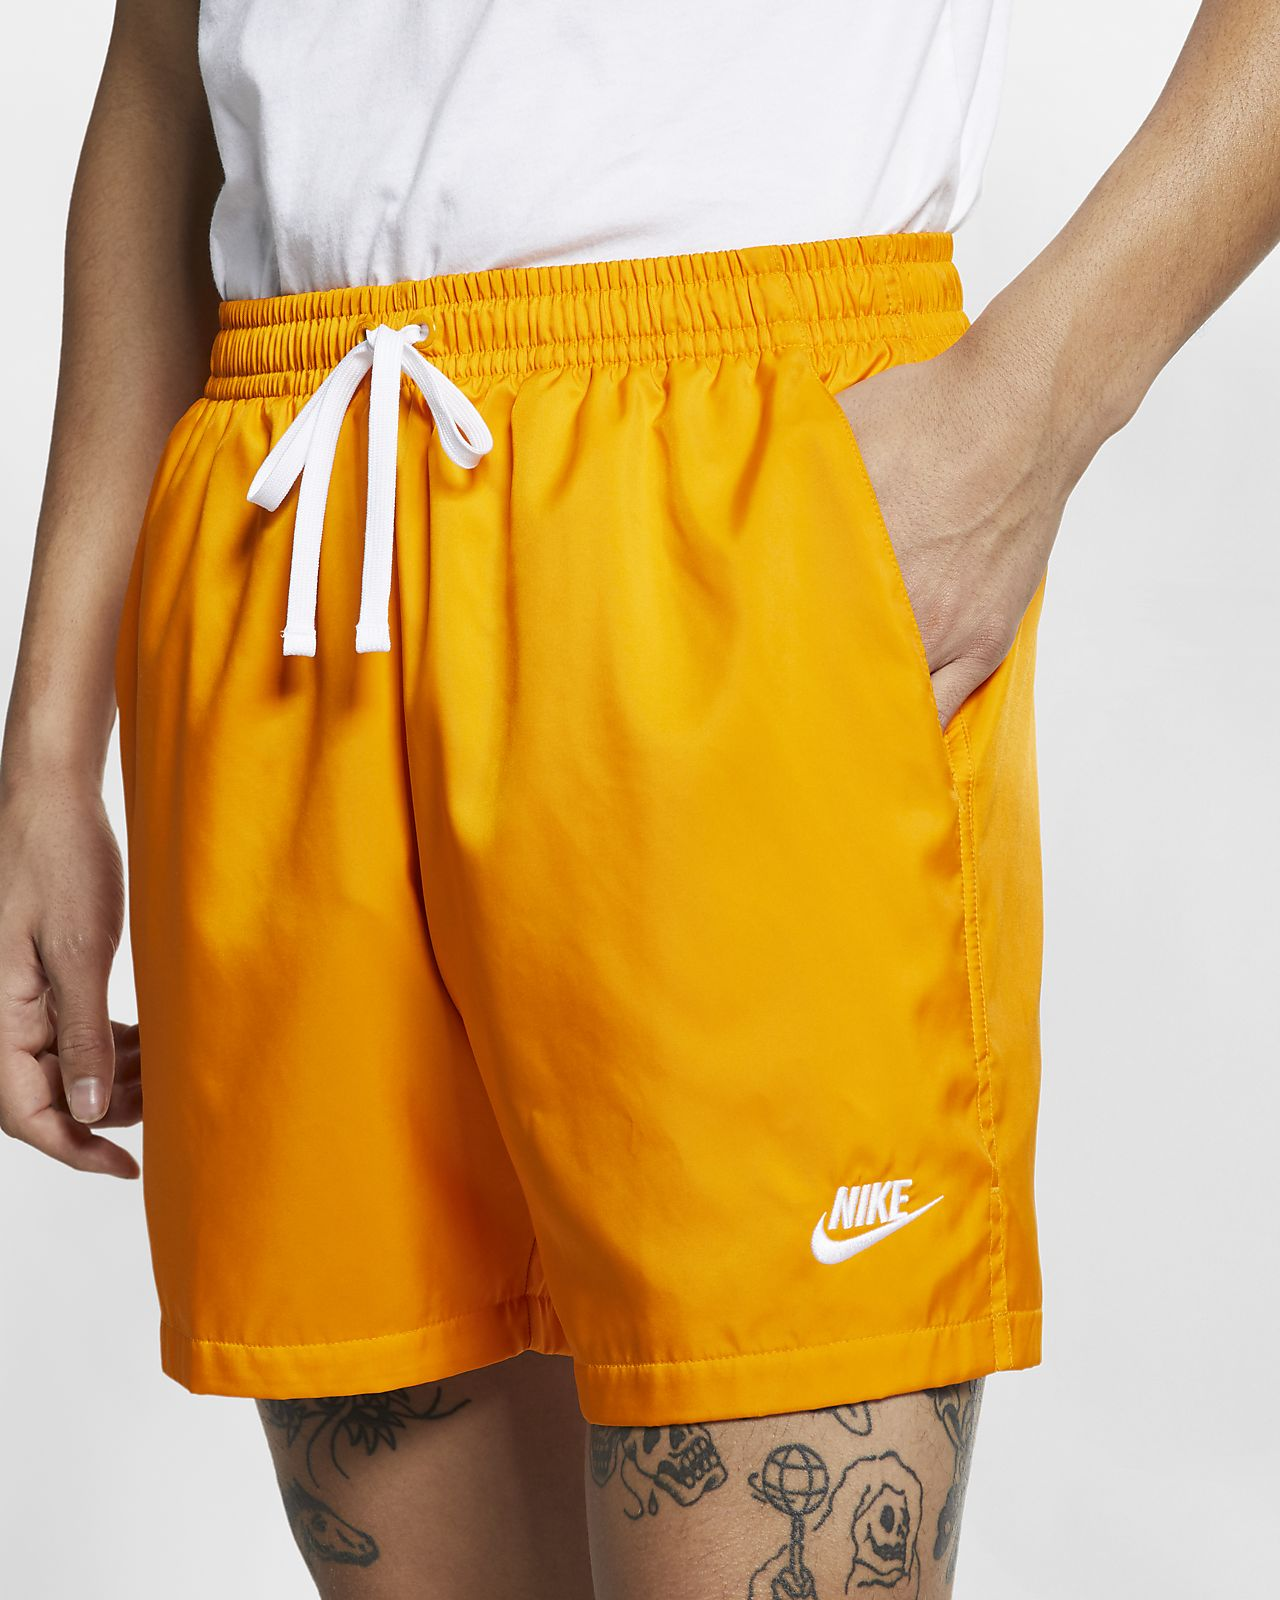 5c94300d2e Low Resolution Nike Sportswear Men's Woven Shorts Nike Sportswear Men's  Woven Shorts